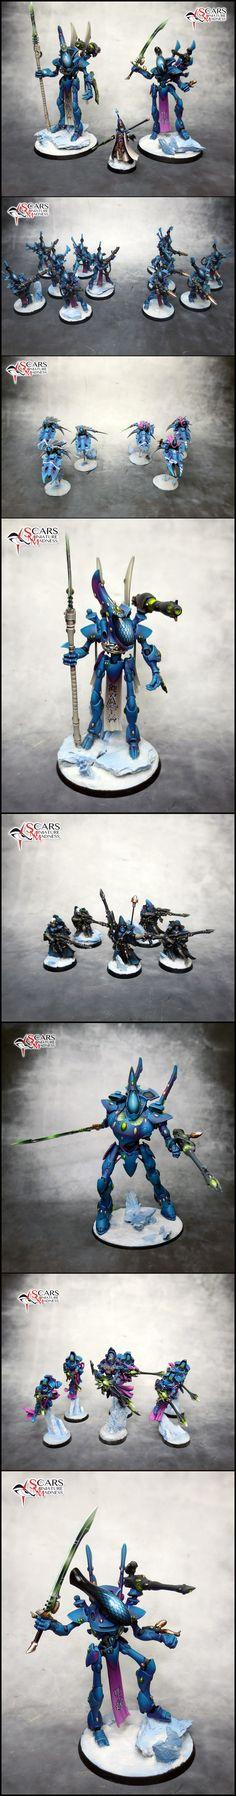 40k - Eldar Army by Darkritual great helmet effect.